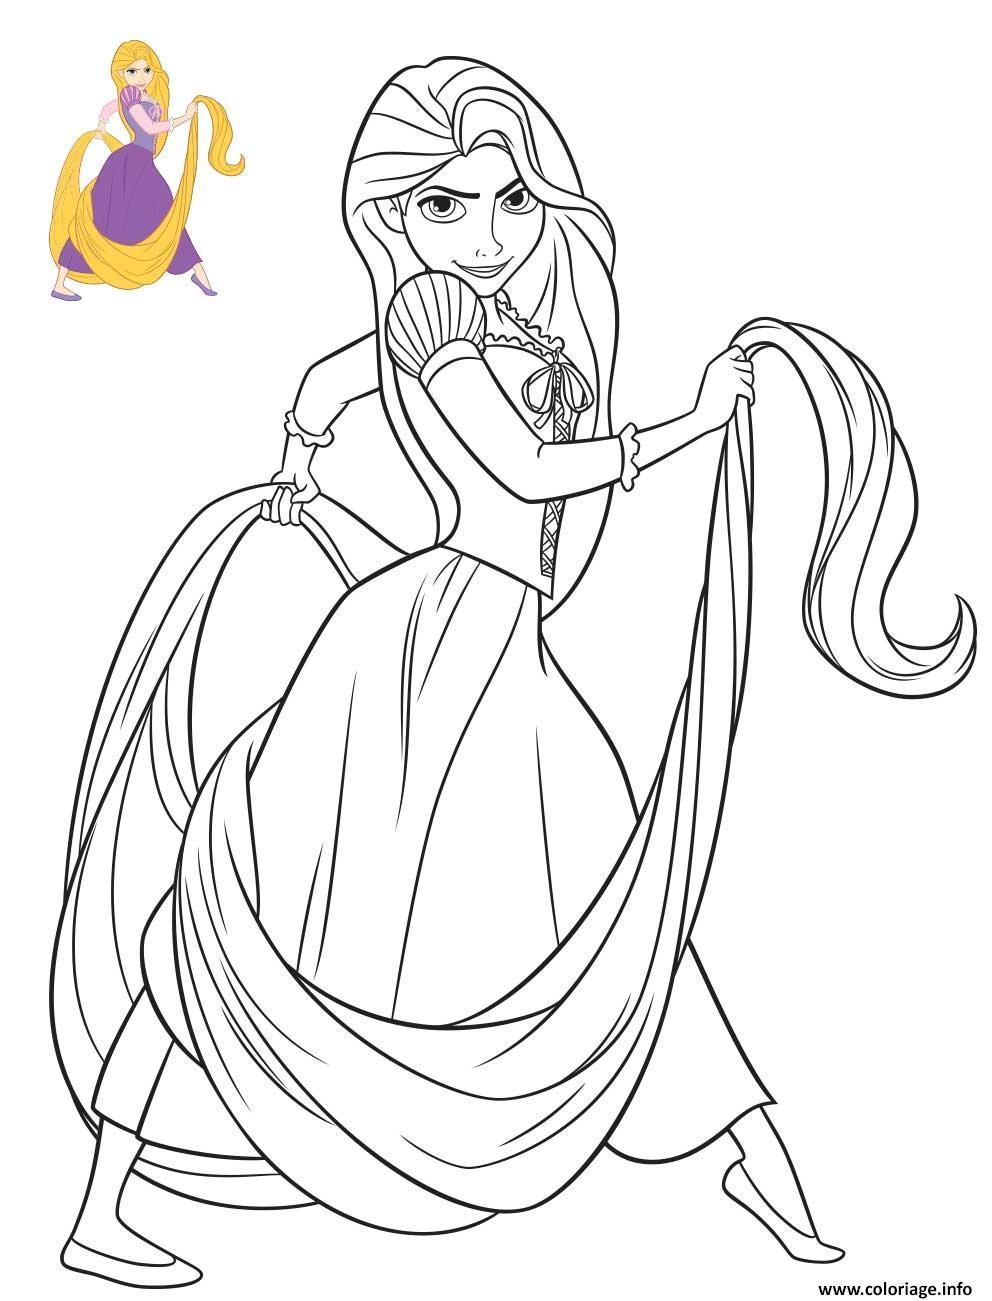 Coloriage Princesse Disney Raiponce Dessin à Coloriage Princesses Disney À Imprimer